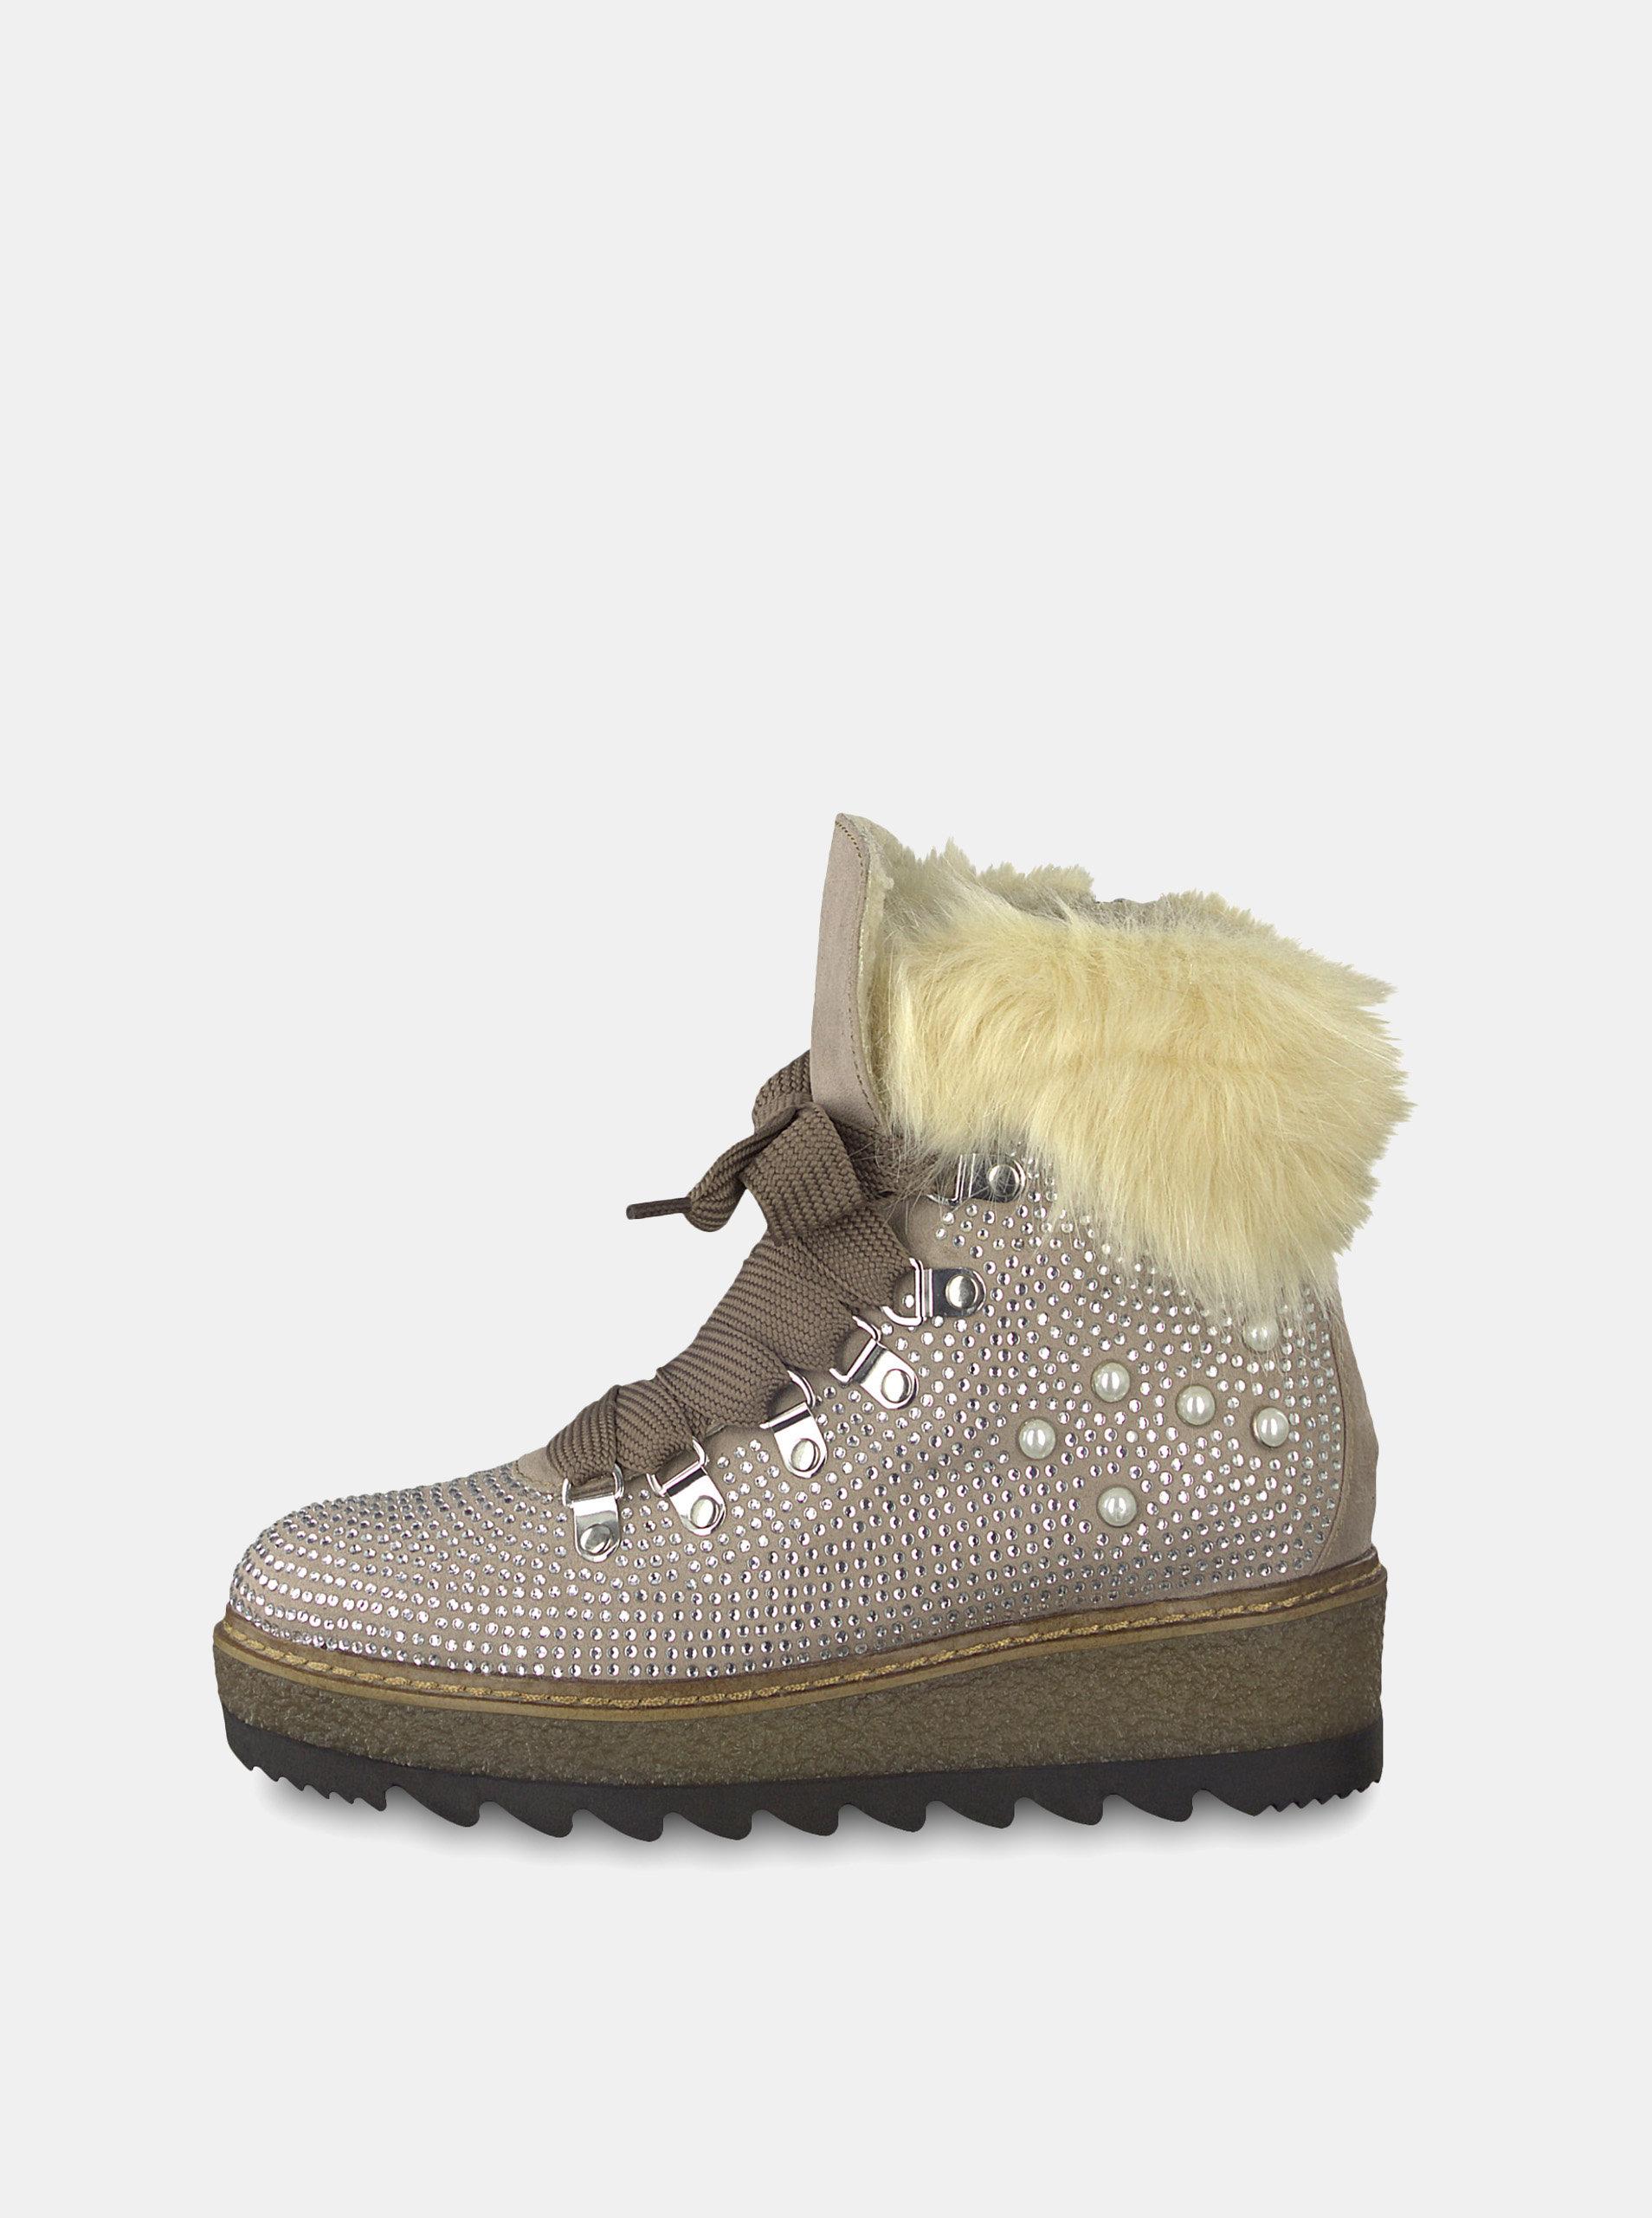 Béžové zimné topánky v semišovej úprave na platforme s ozdobnými kamienkami  Tamaris ... 9aa7d01c141